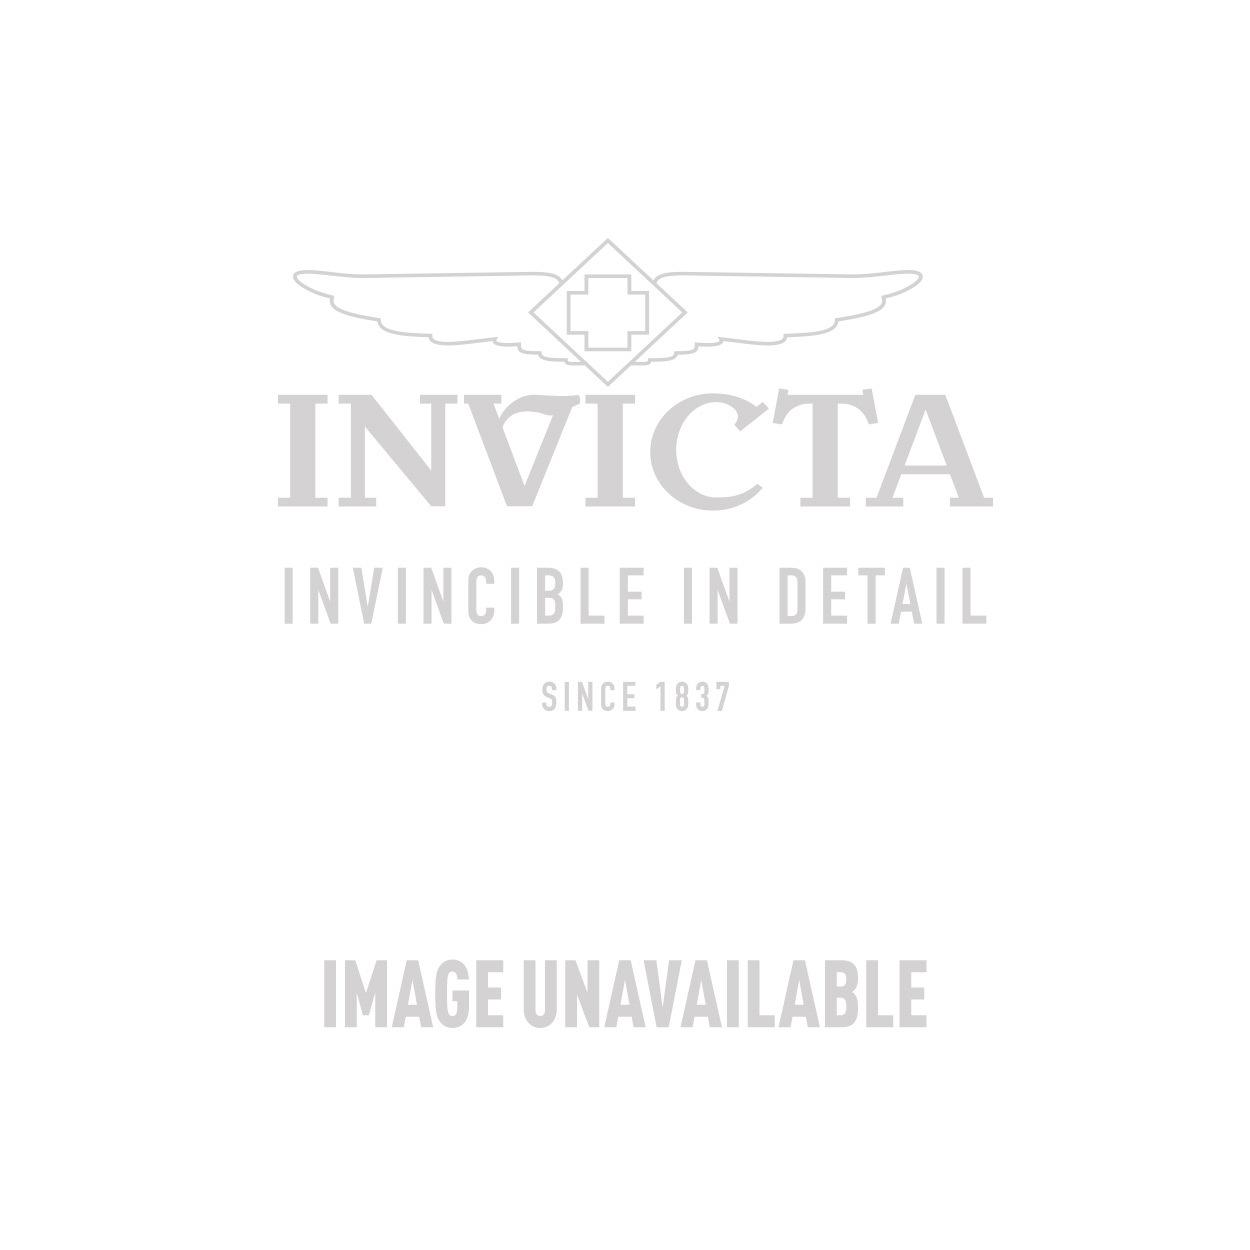 Invicta Model 25488